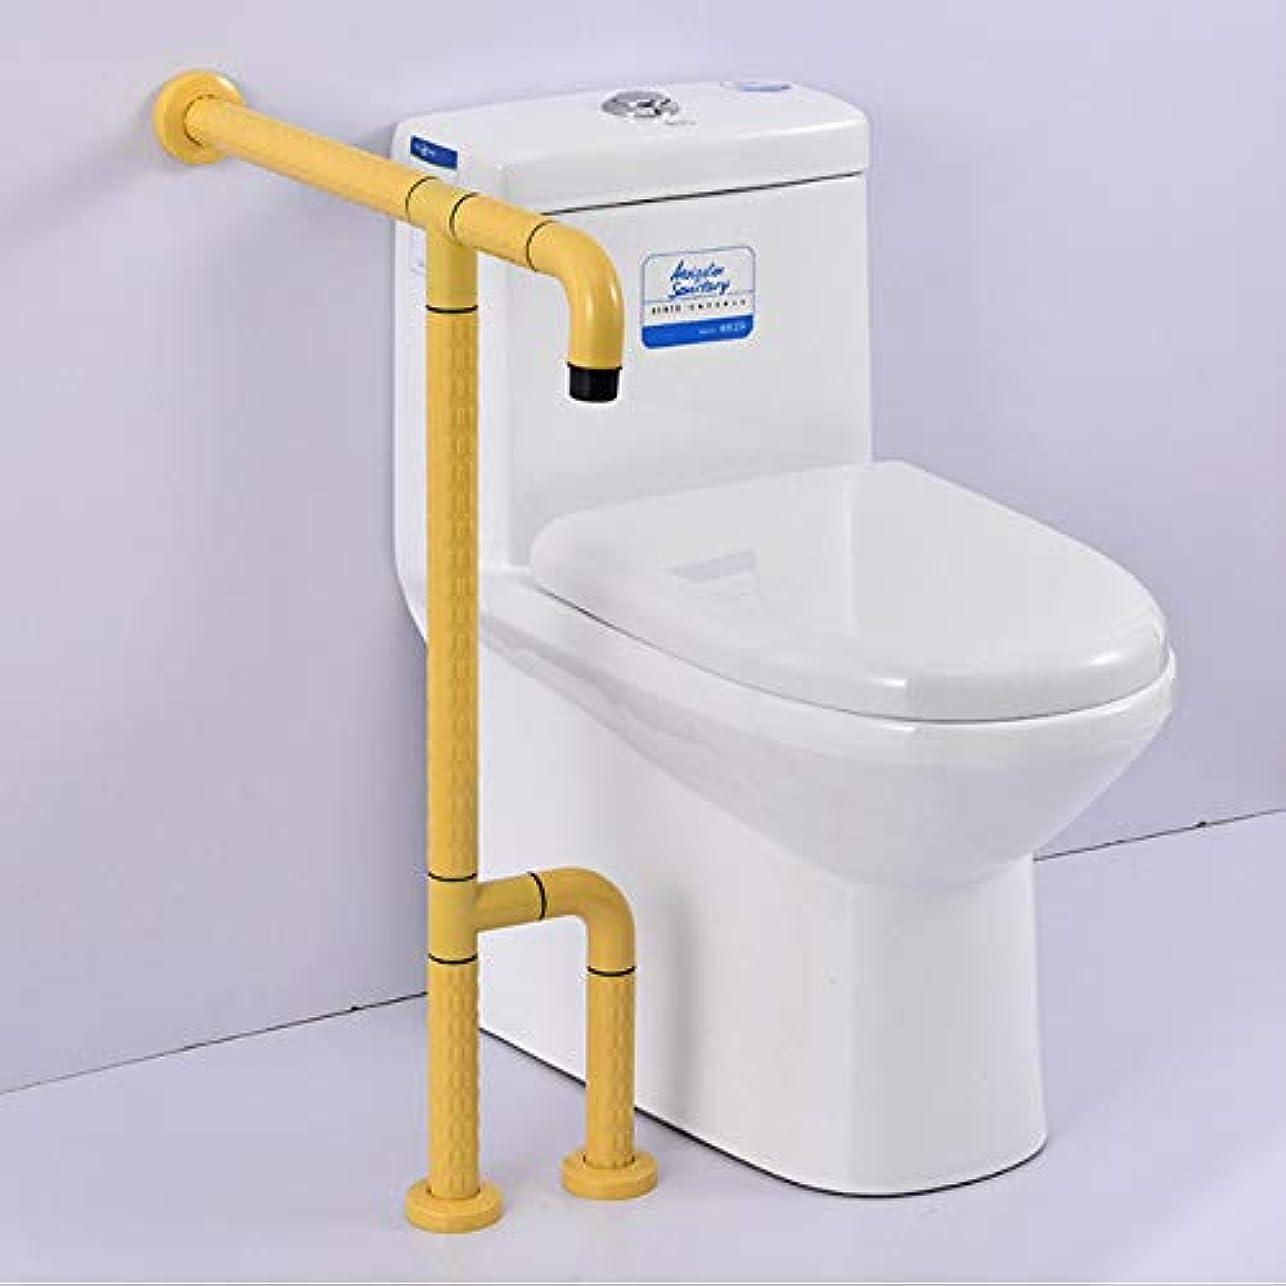 お手伝いさん回る低い高齢者のバランスT形トイレの安全フレームレールは家やホテルの環境にやさしい素材のステンレス鋼のためのサポートロッドを処理します